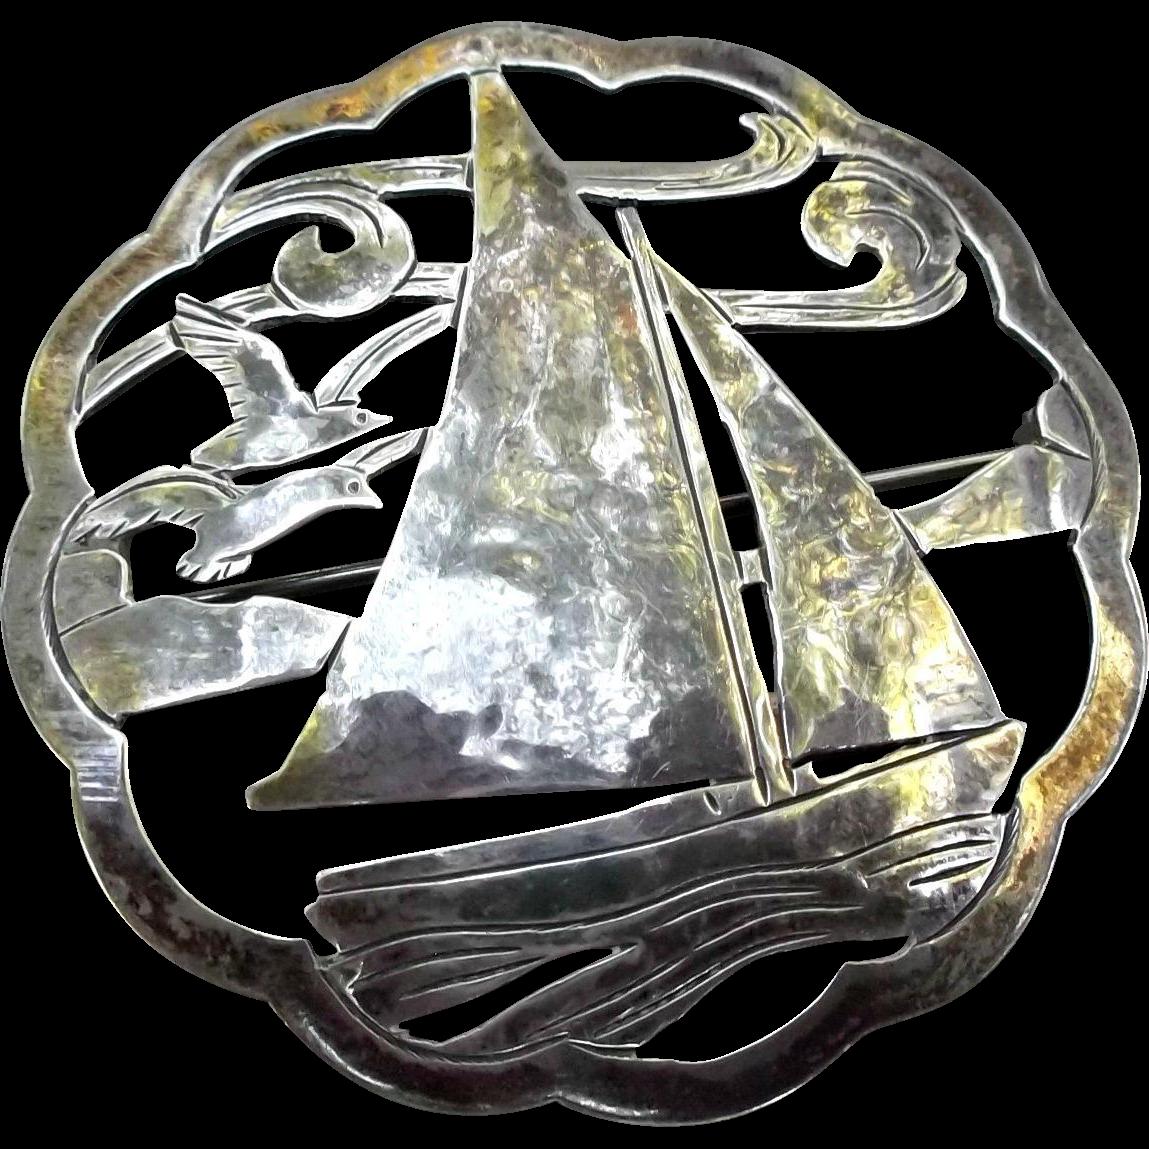 Sterling Brooch Pin Vintage Arts Crafts Sailboat Seagulls Stavre Gregor Panis